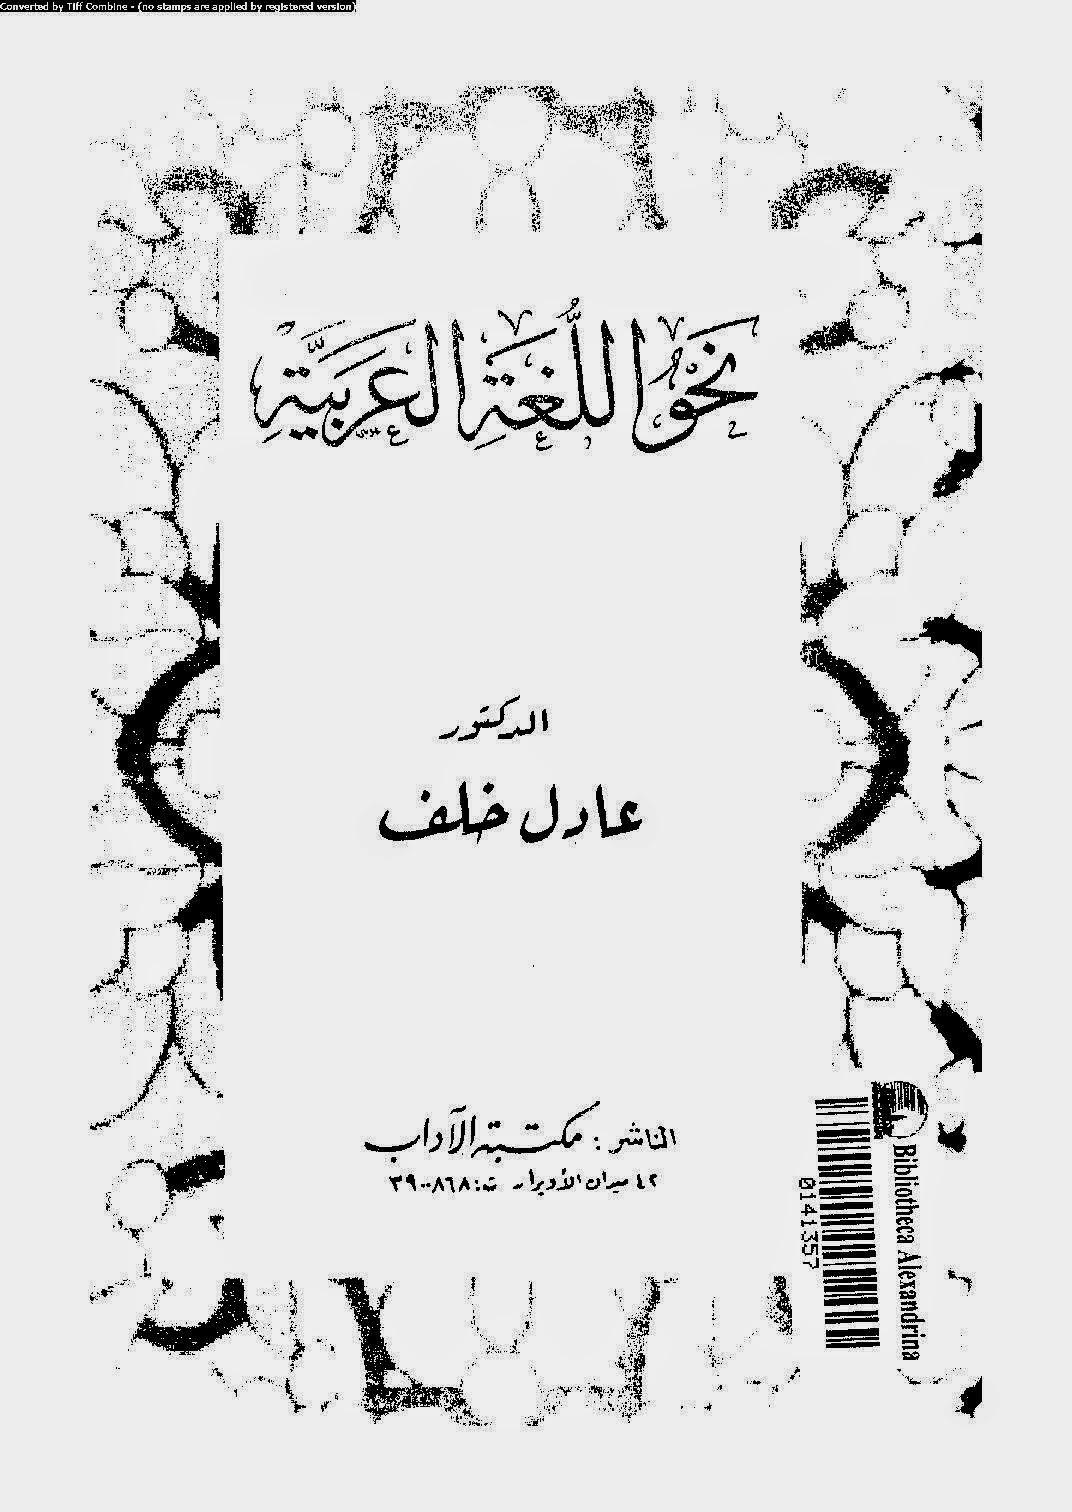 نحو اللغة العربية لـ عادل خلف